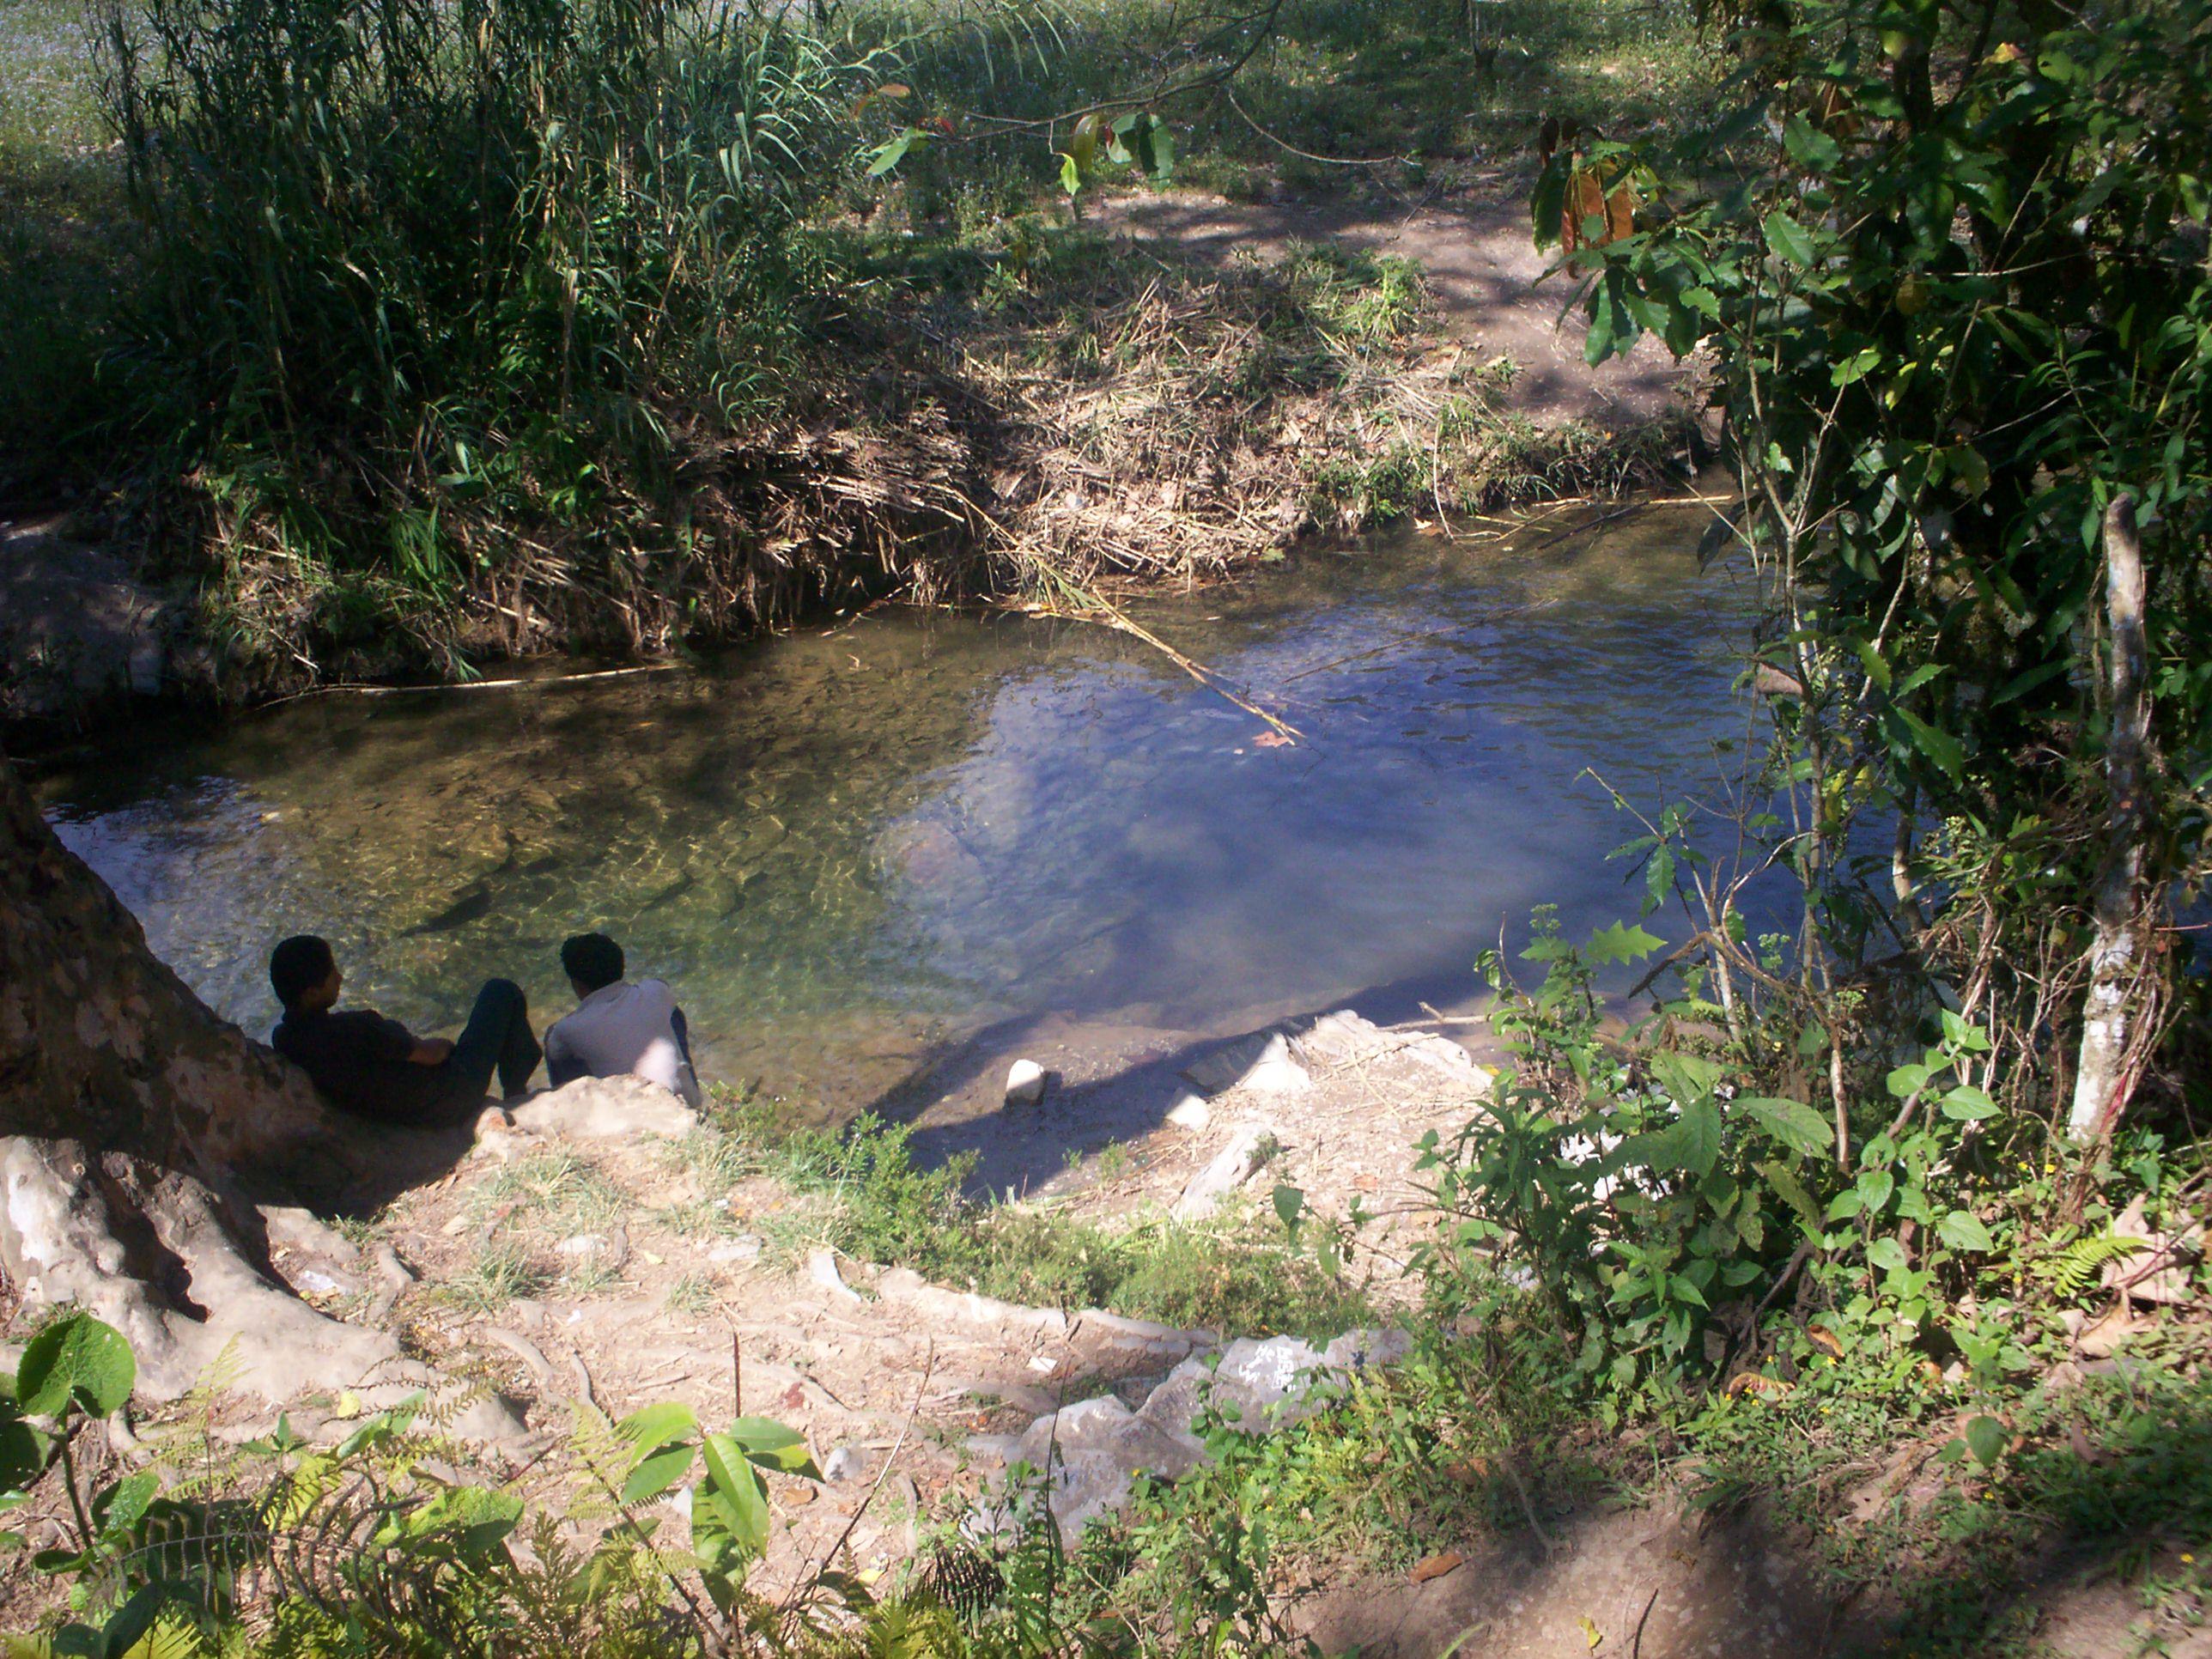 Sierra nororiental de puebla yahoo dating